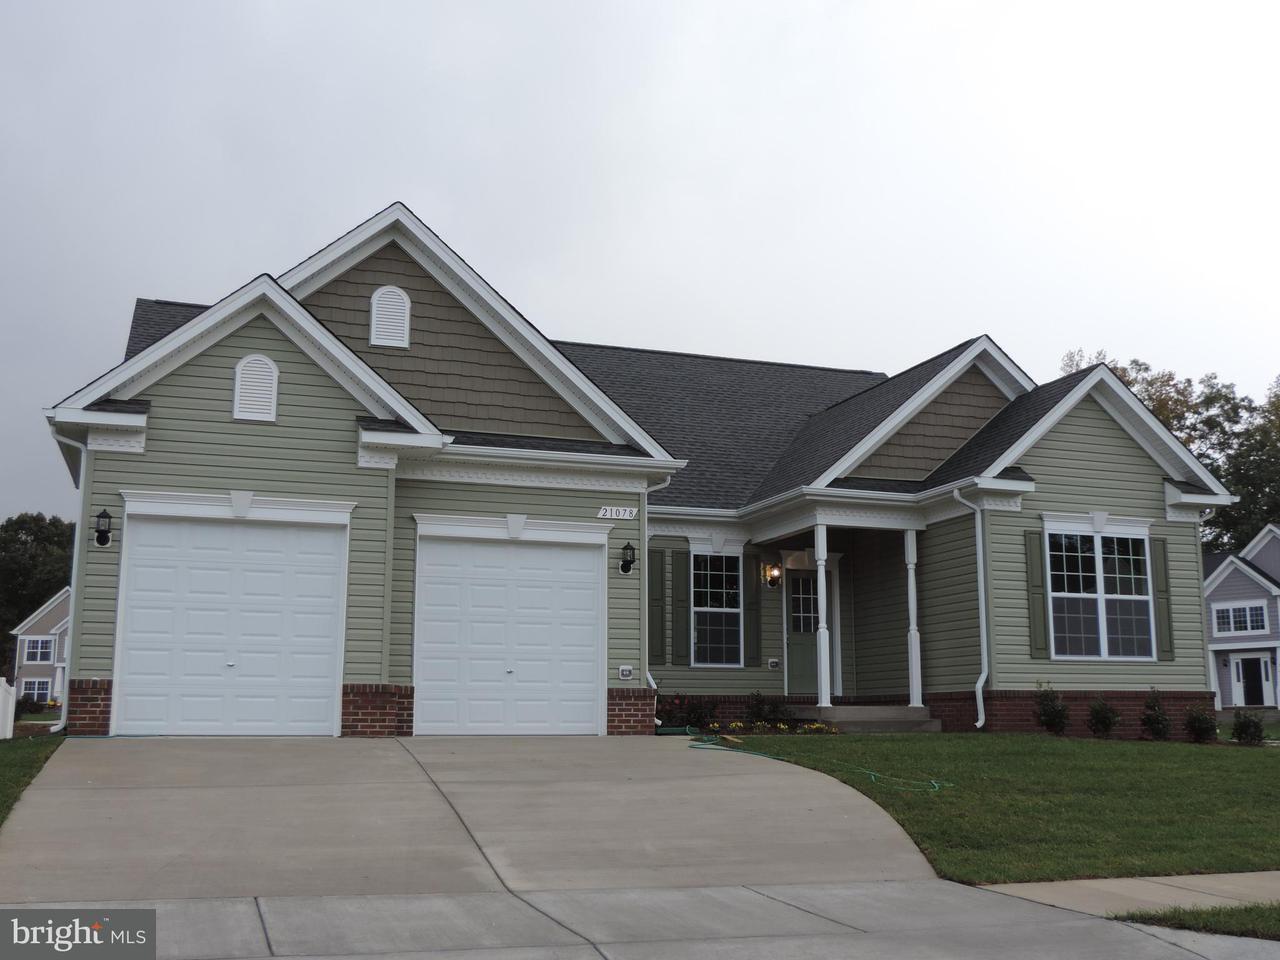 Частный односемейный дом для того Продажа на 13845 Bluestone Court 13845 Bluestone Court Hughesville, Мэриленд 20637 Соединенные Штаты